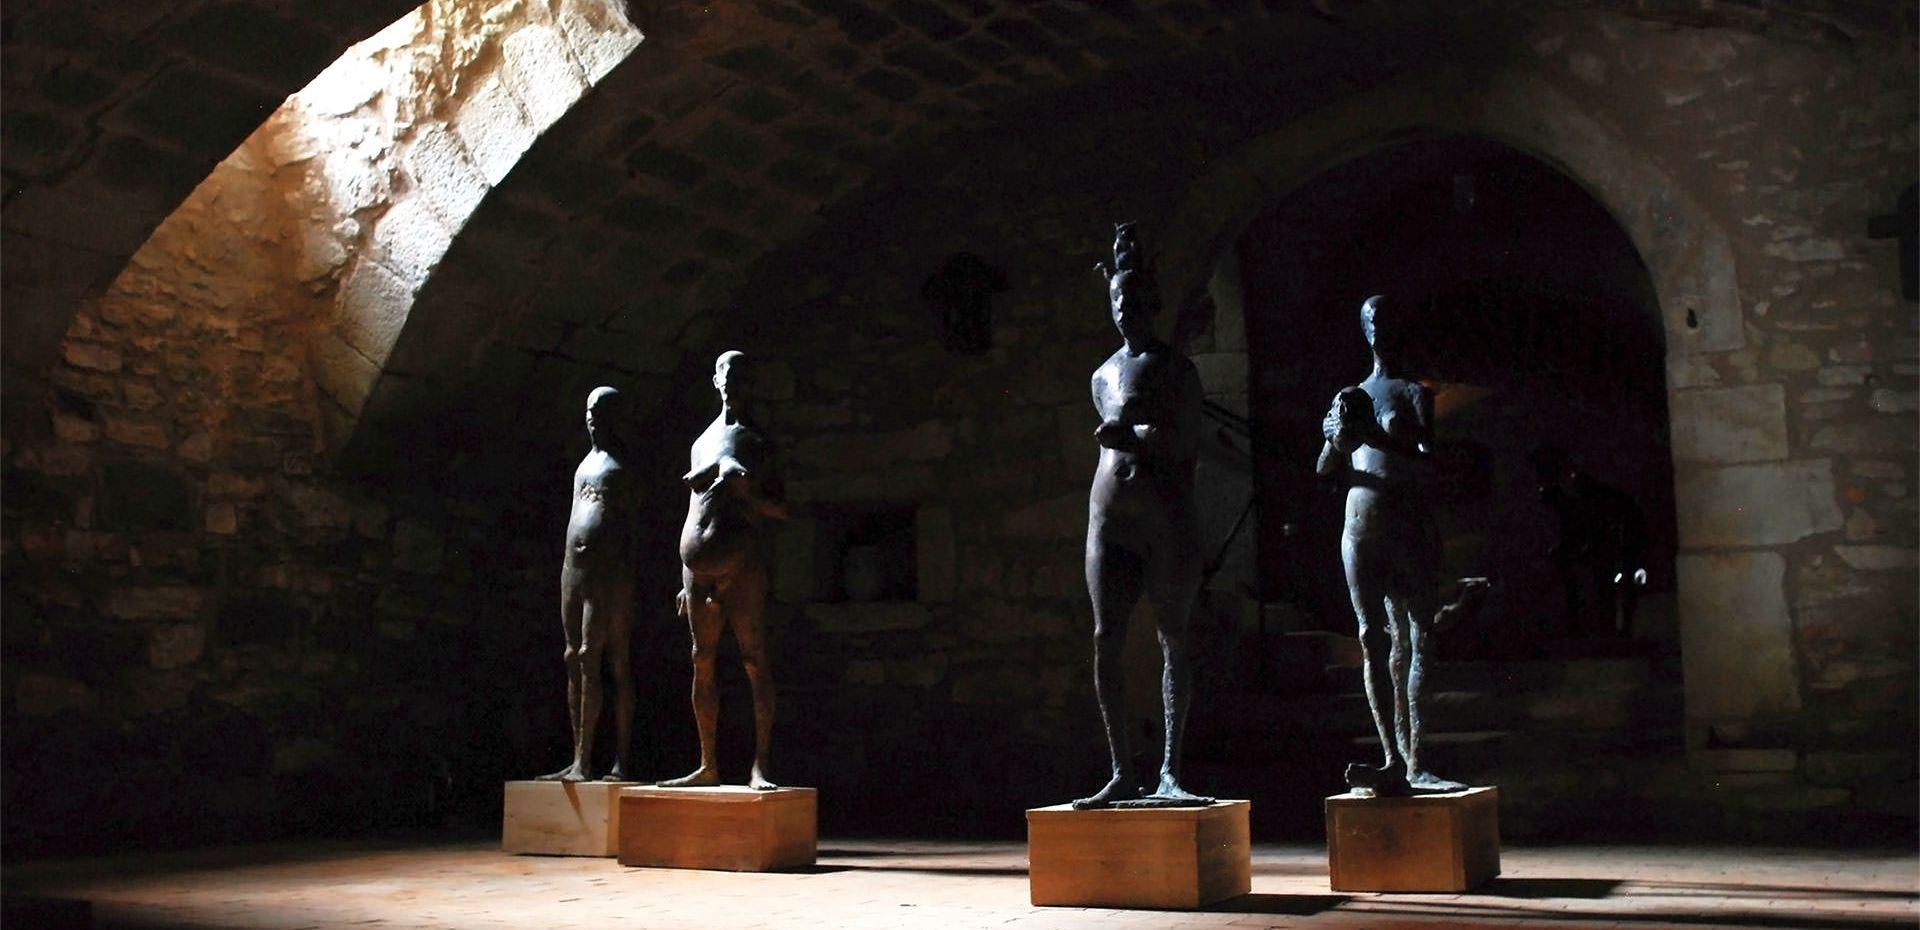 SkulpturenkellerDSC_0546-e79913ca